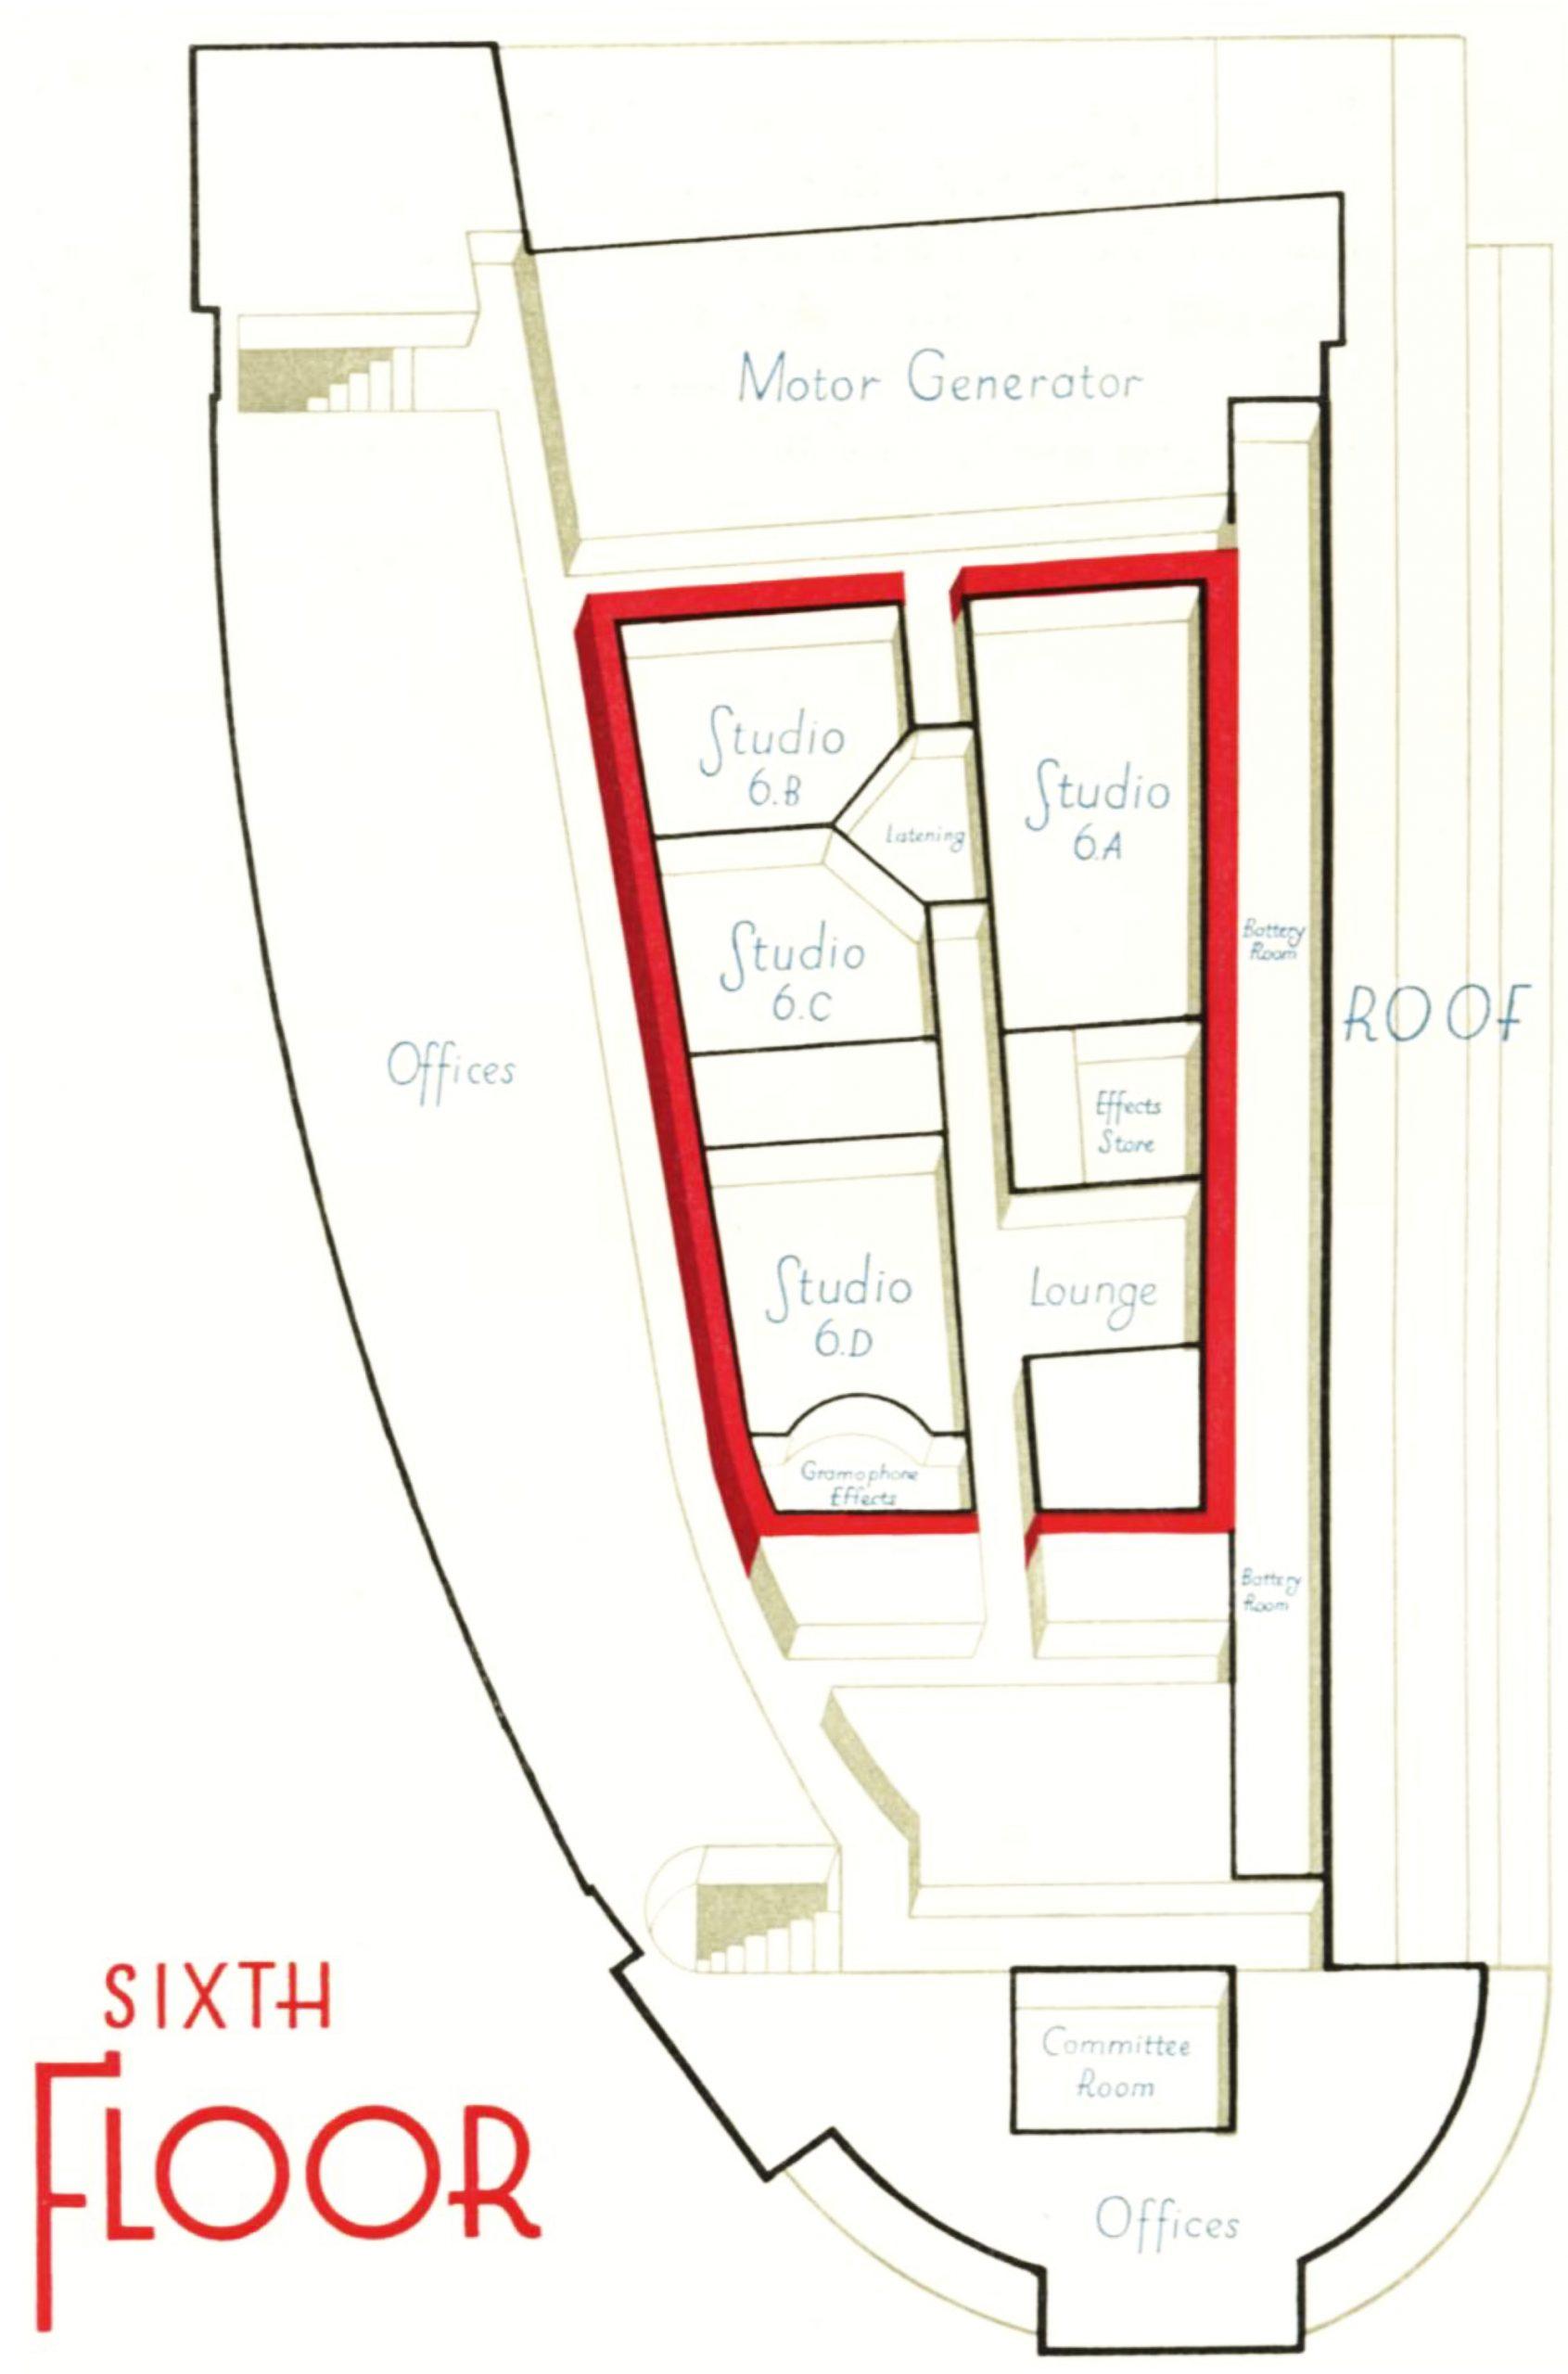 6th floor diagram